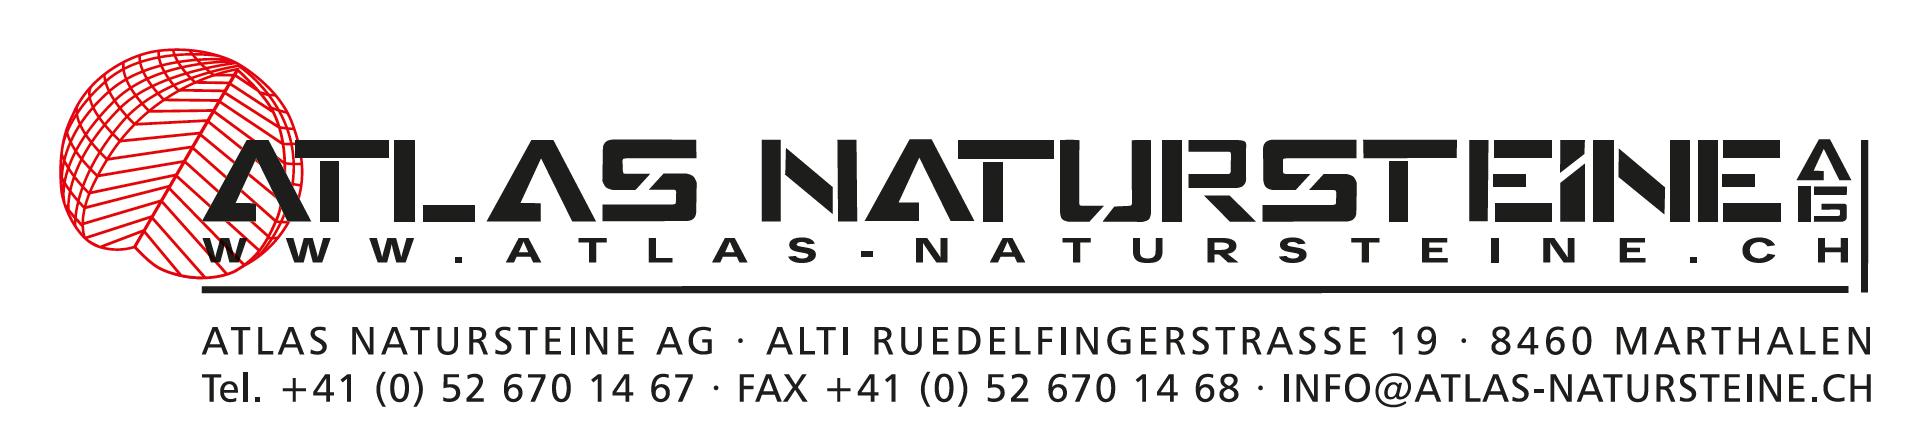 Atlas Naturstein AG